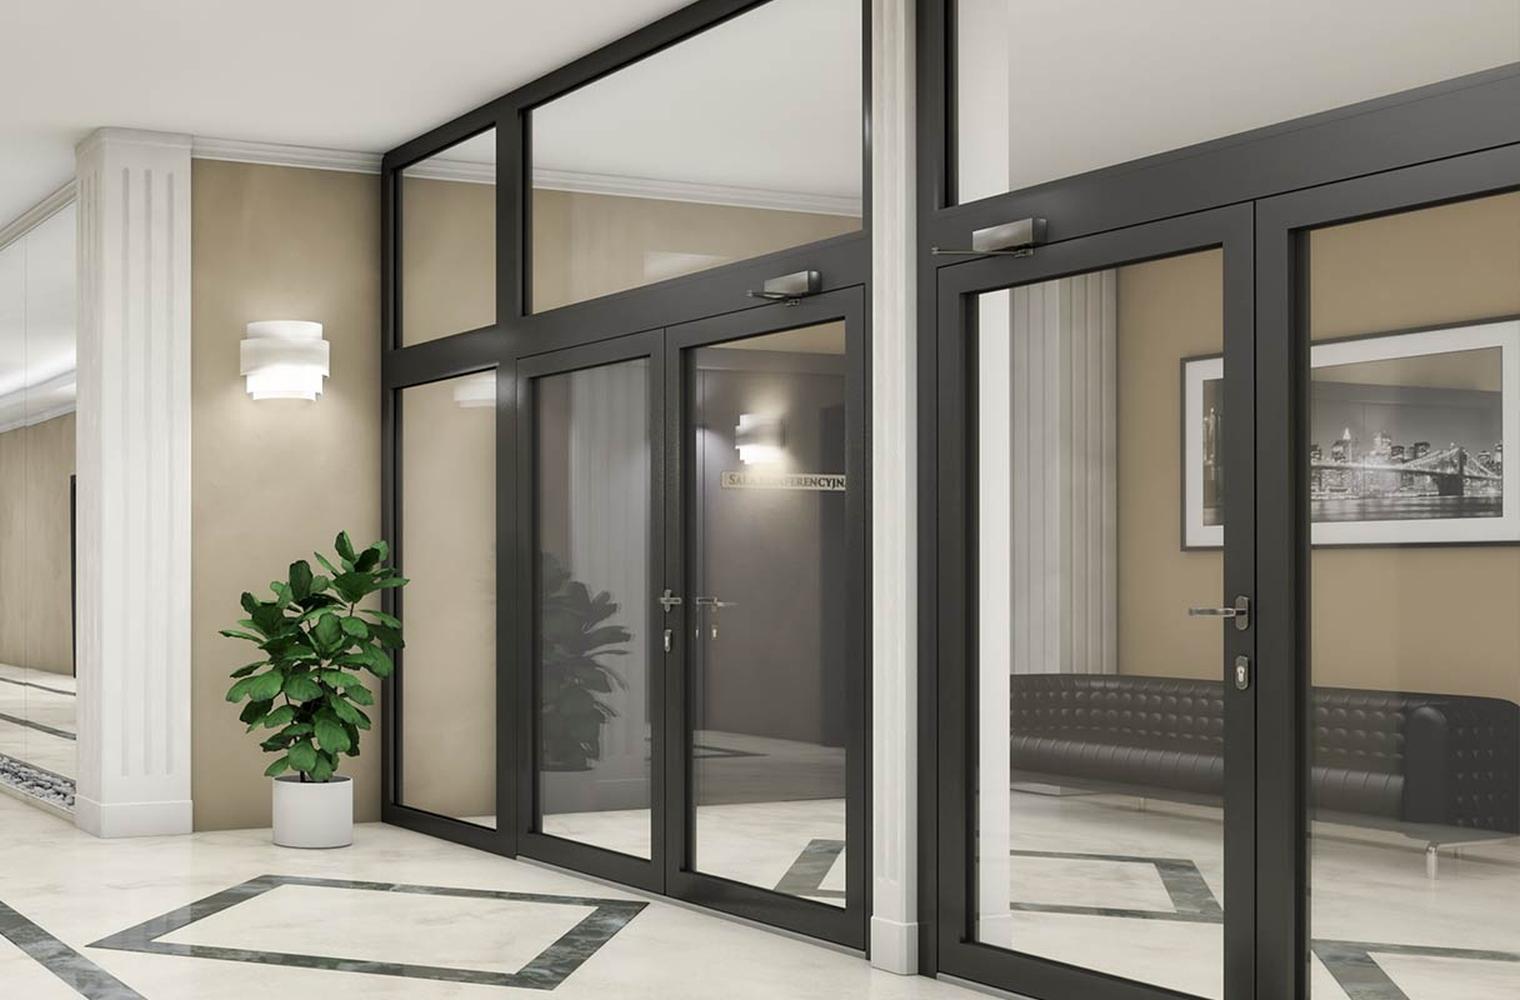 Extrem Treppenhaus Fenster | günstig online kaufen - fensterblick.de ER82